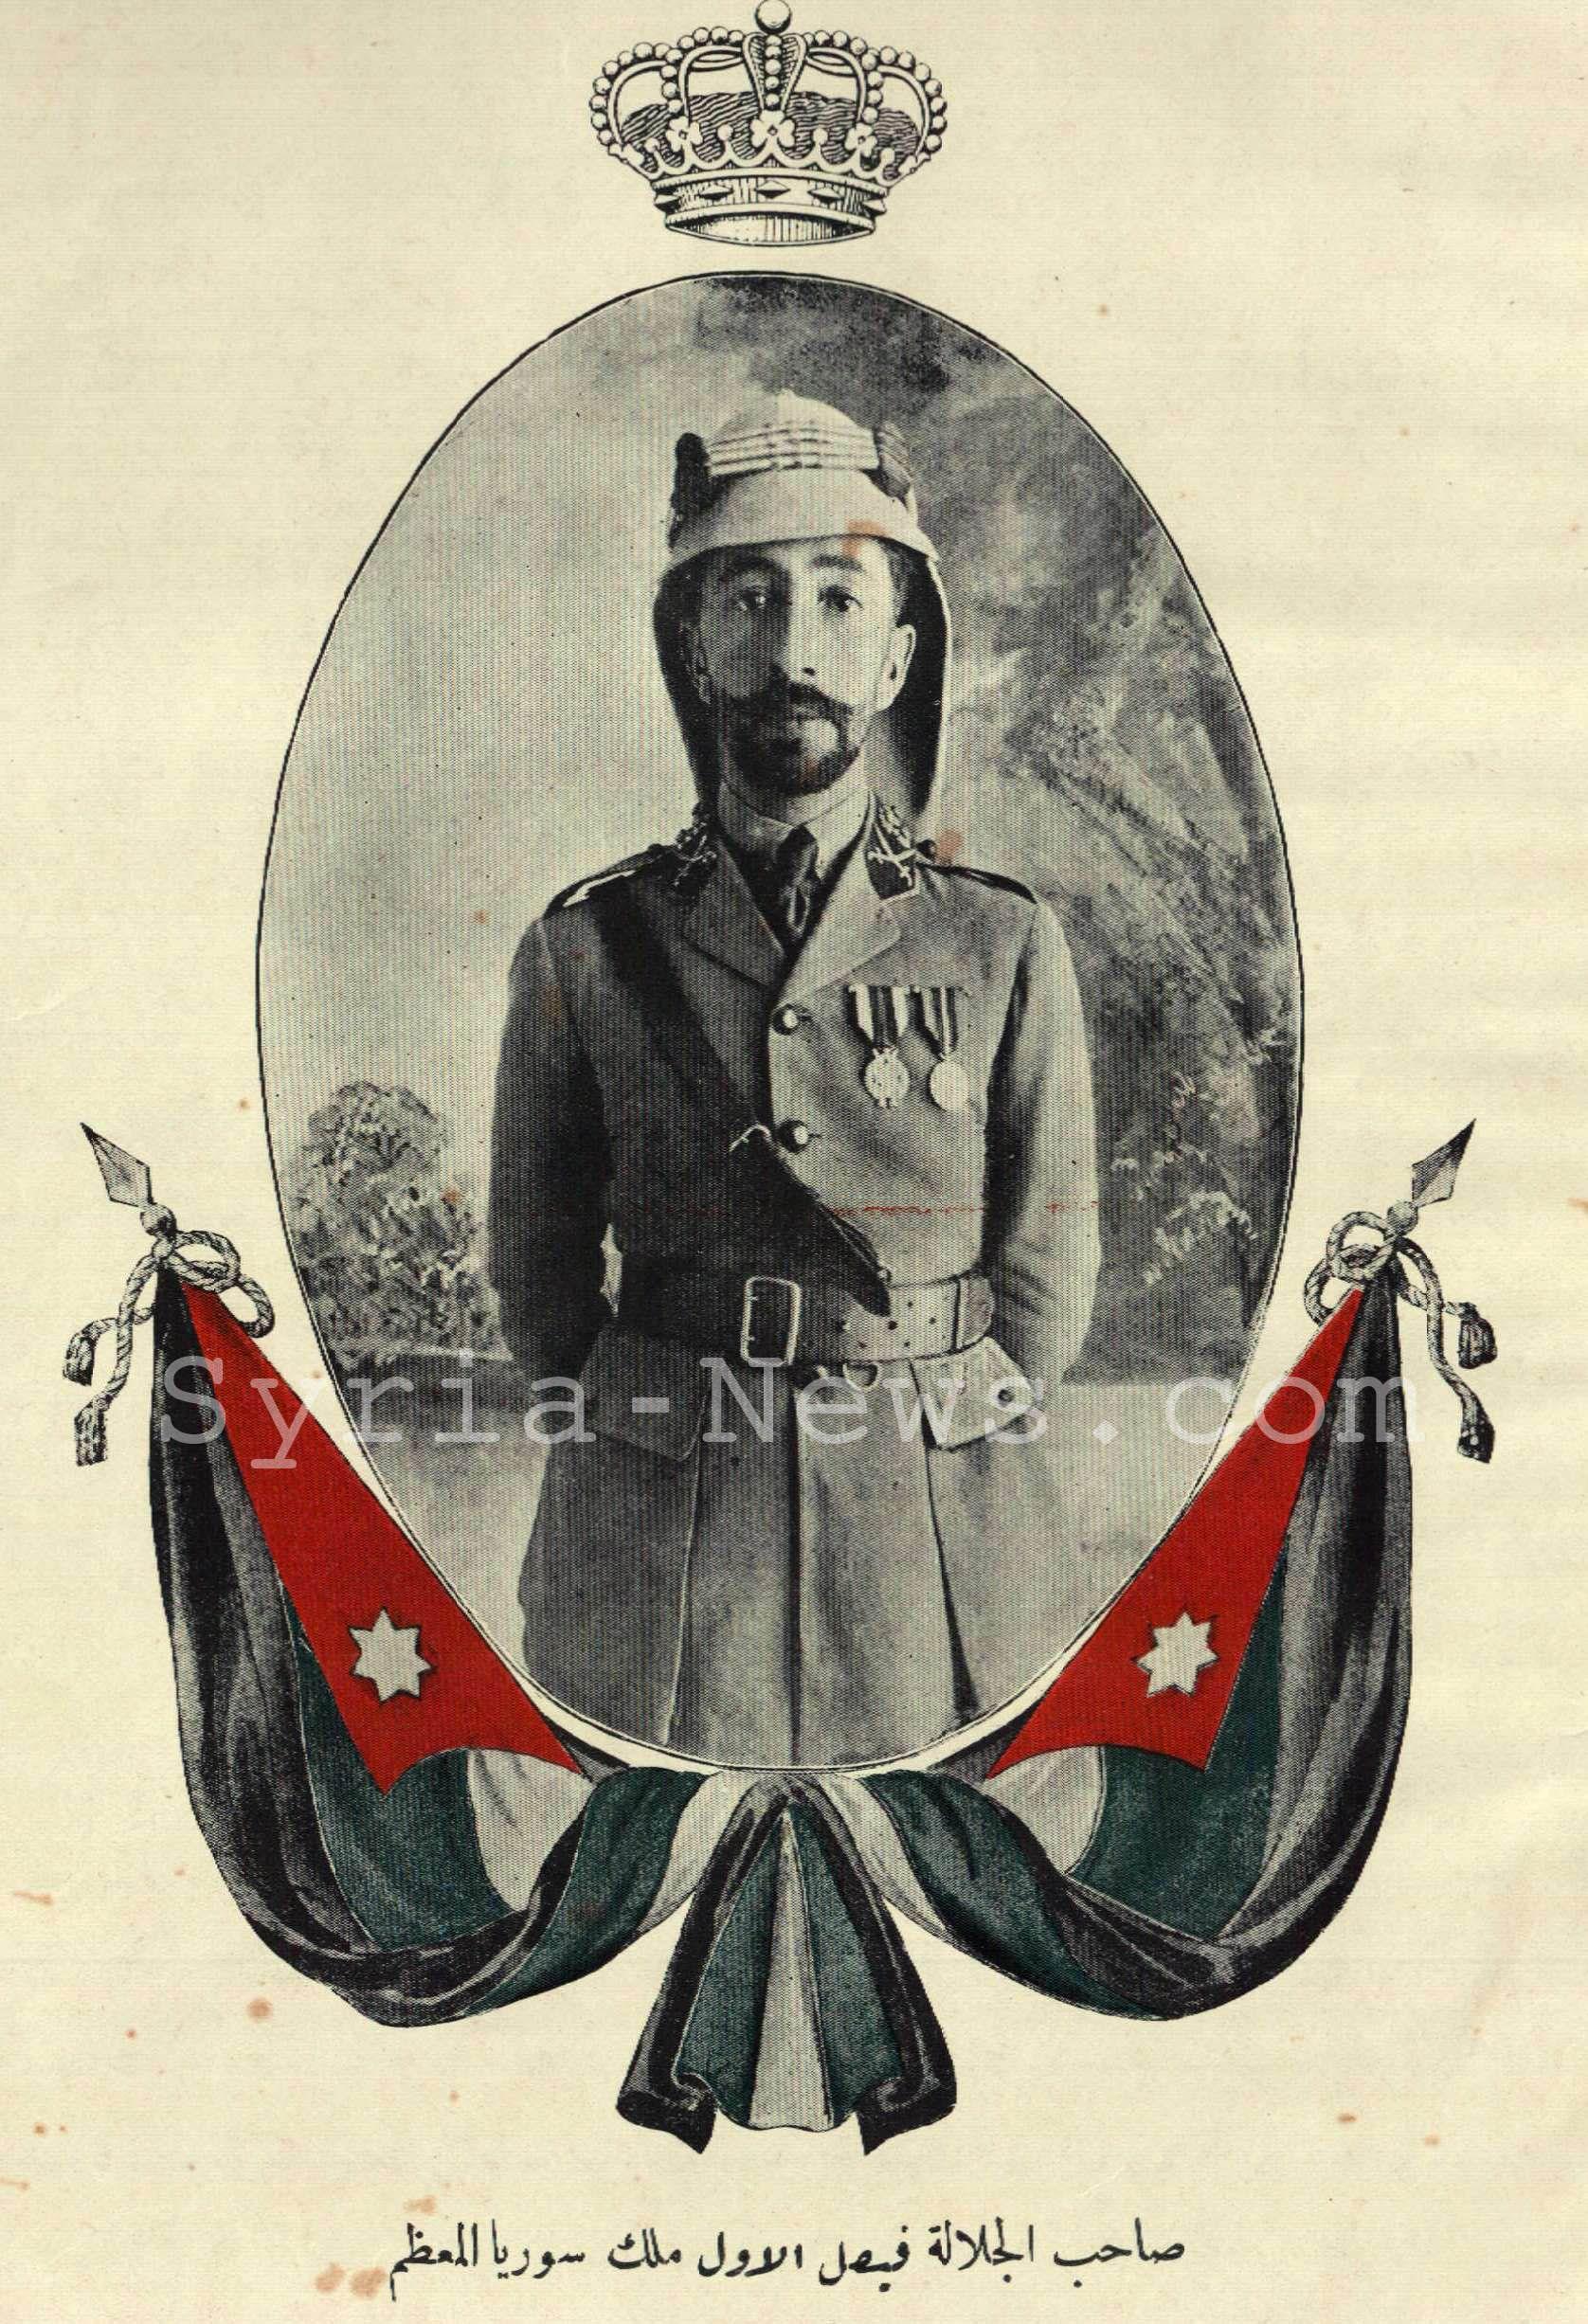 الملك فيصل بن الحسين ملك المملكة السورية العربية 1920 Middle Eastern History Baghdad Iraq History Projects